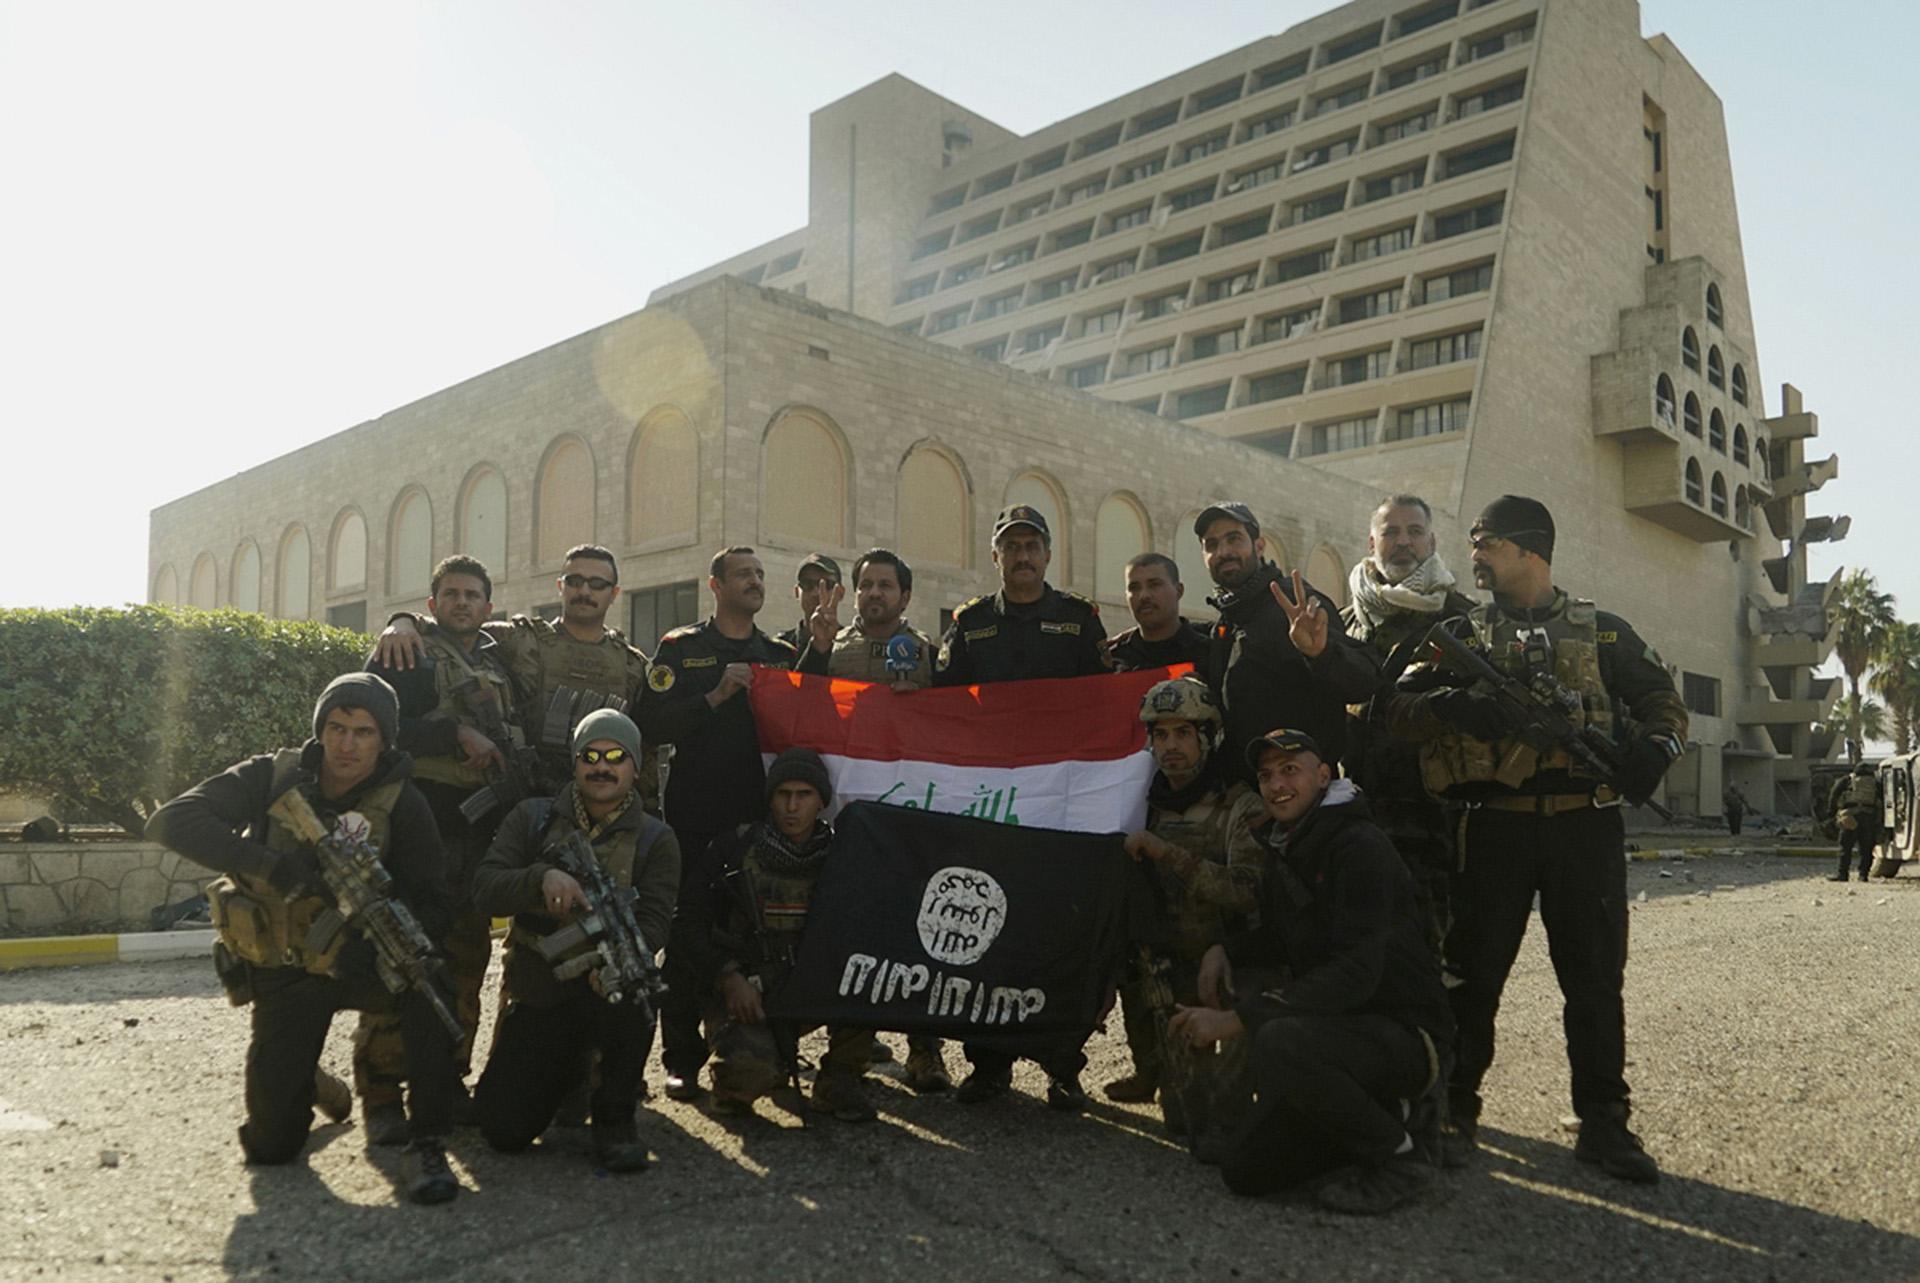 Tropas especiales posan con la bandera iraquí y una enseña del ISIS capturada, frente al Hotel Nineveh, otro objetivo preciado en esta primera parte de la ofensiva (AP)